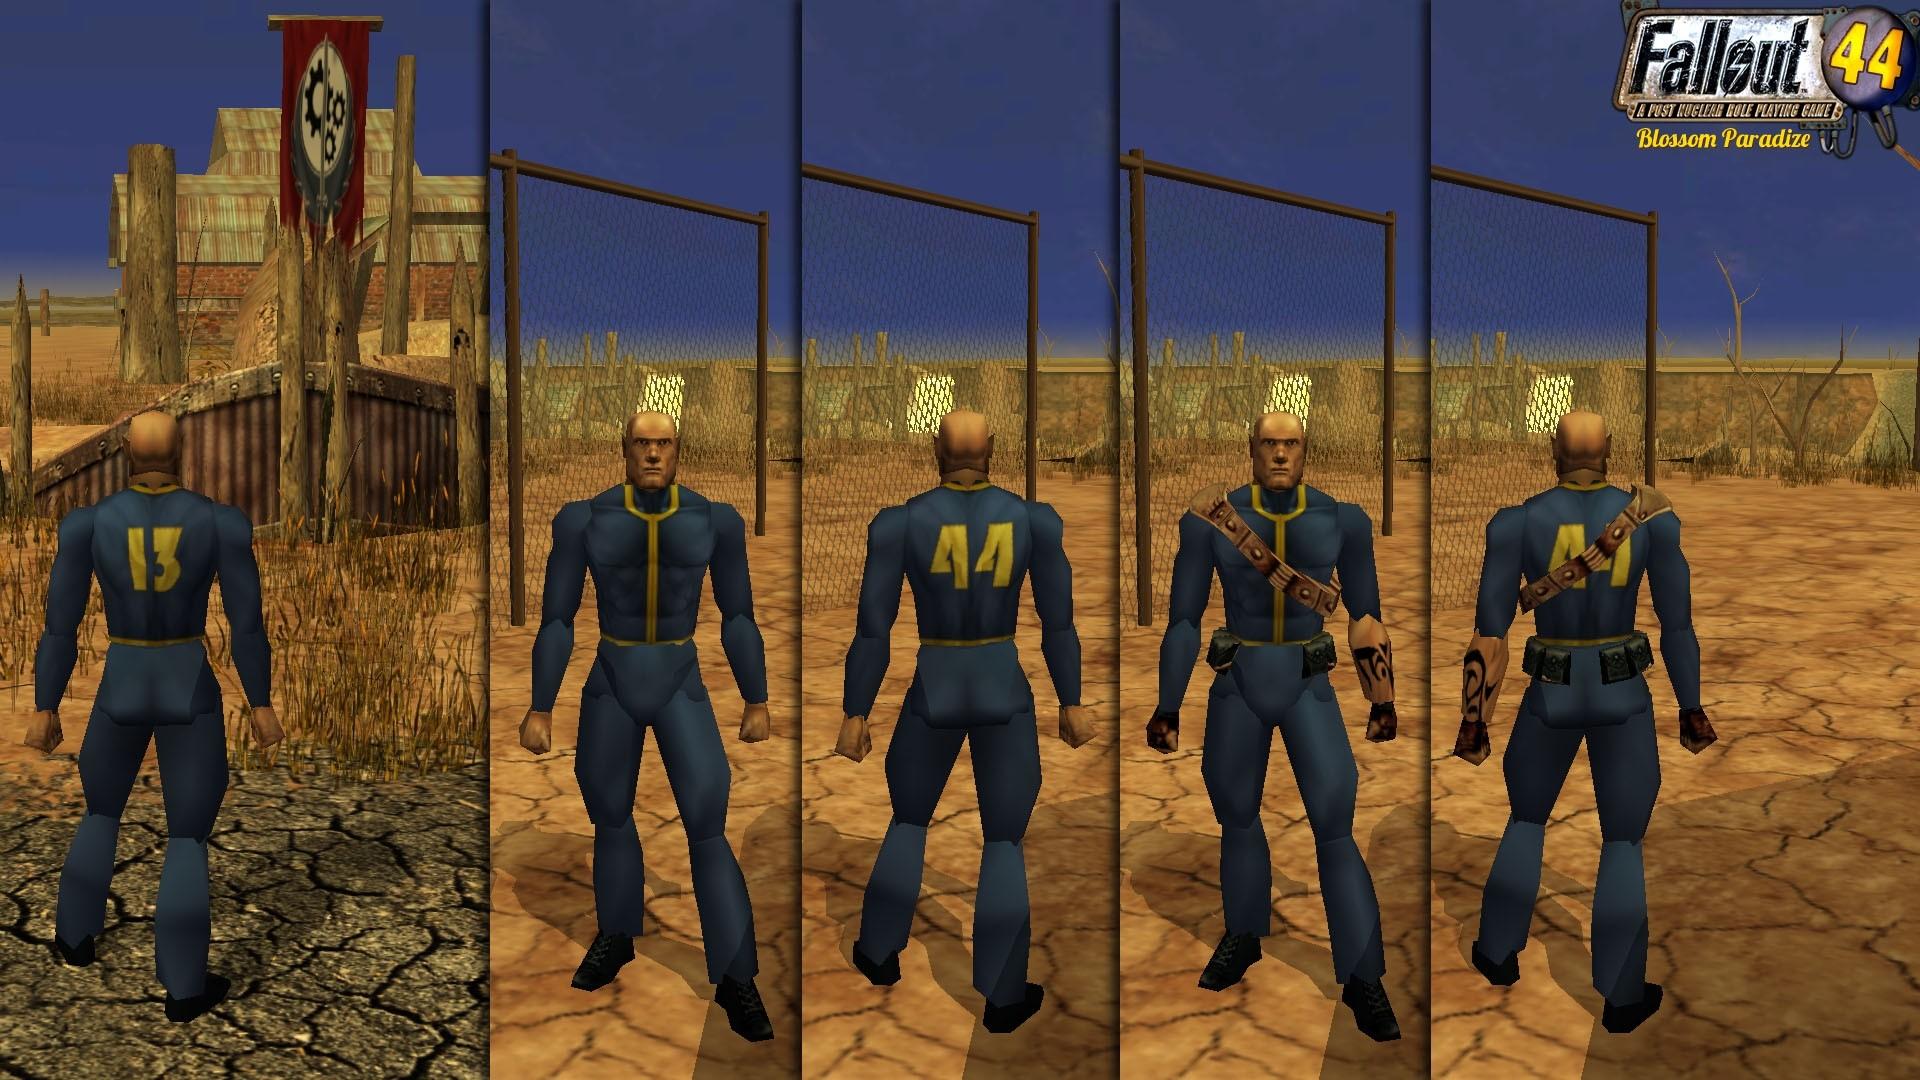 Res: 1920x1080, Fallout 44 - Vault Dweller Suit